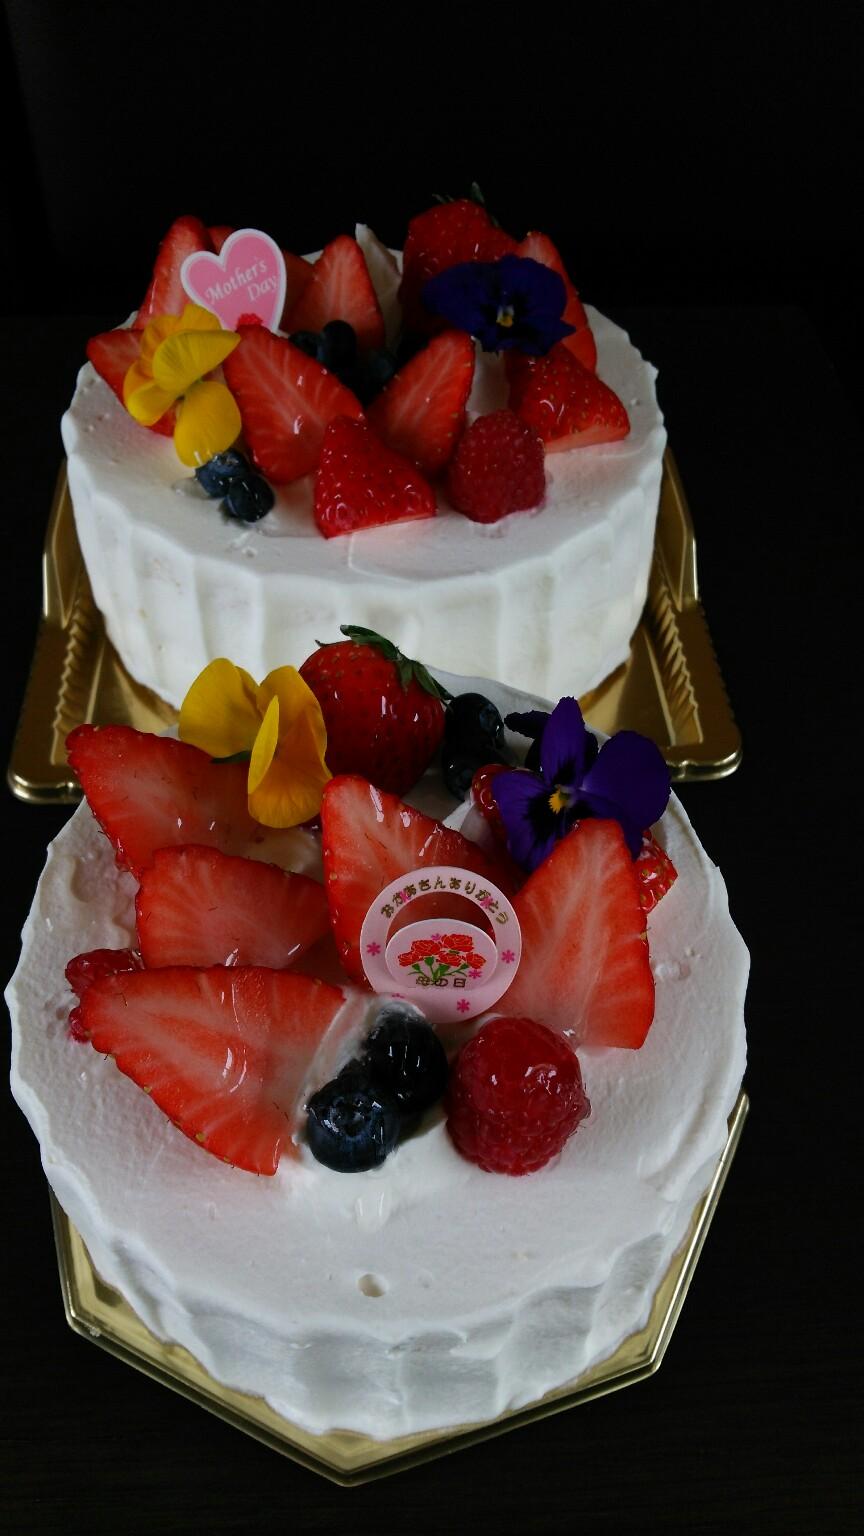 母の日 には、エディブルフラワーのケーキを